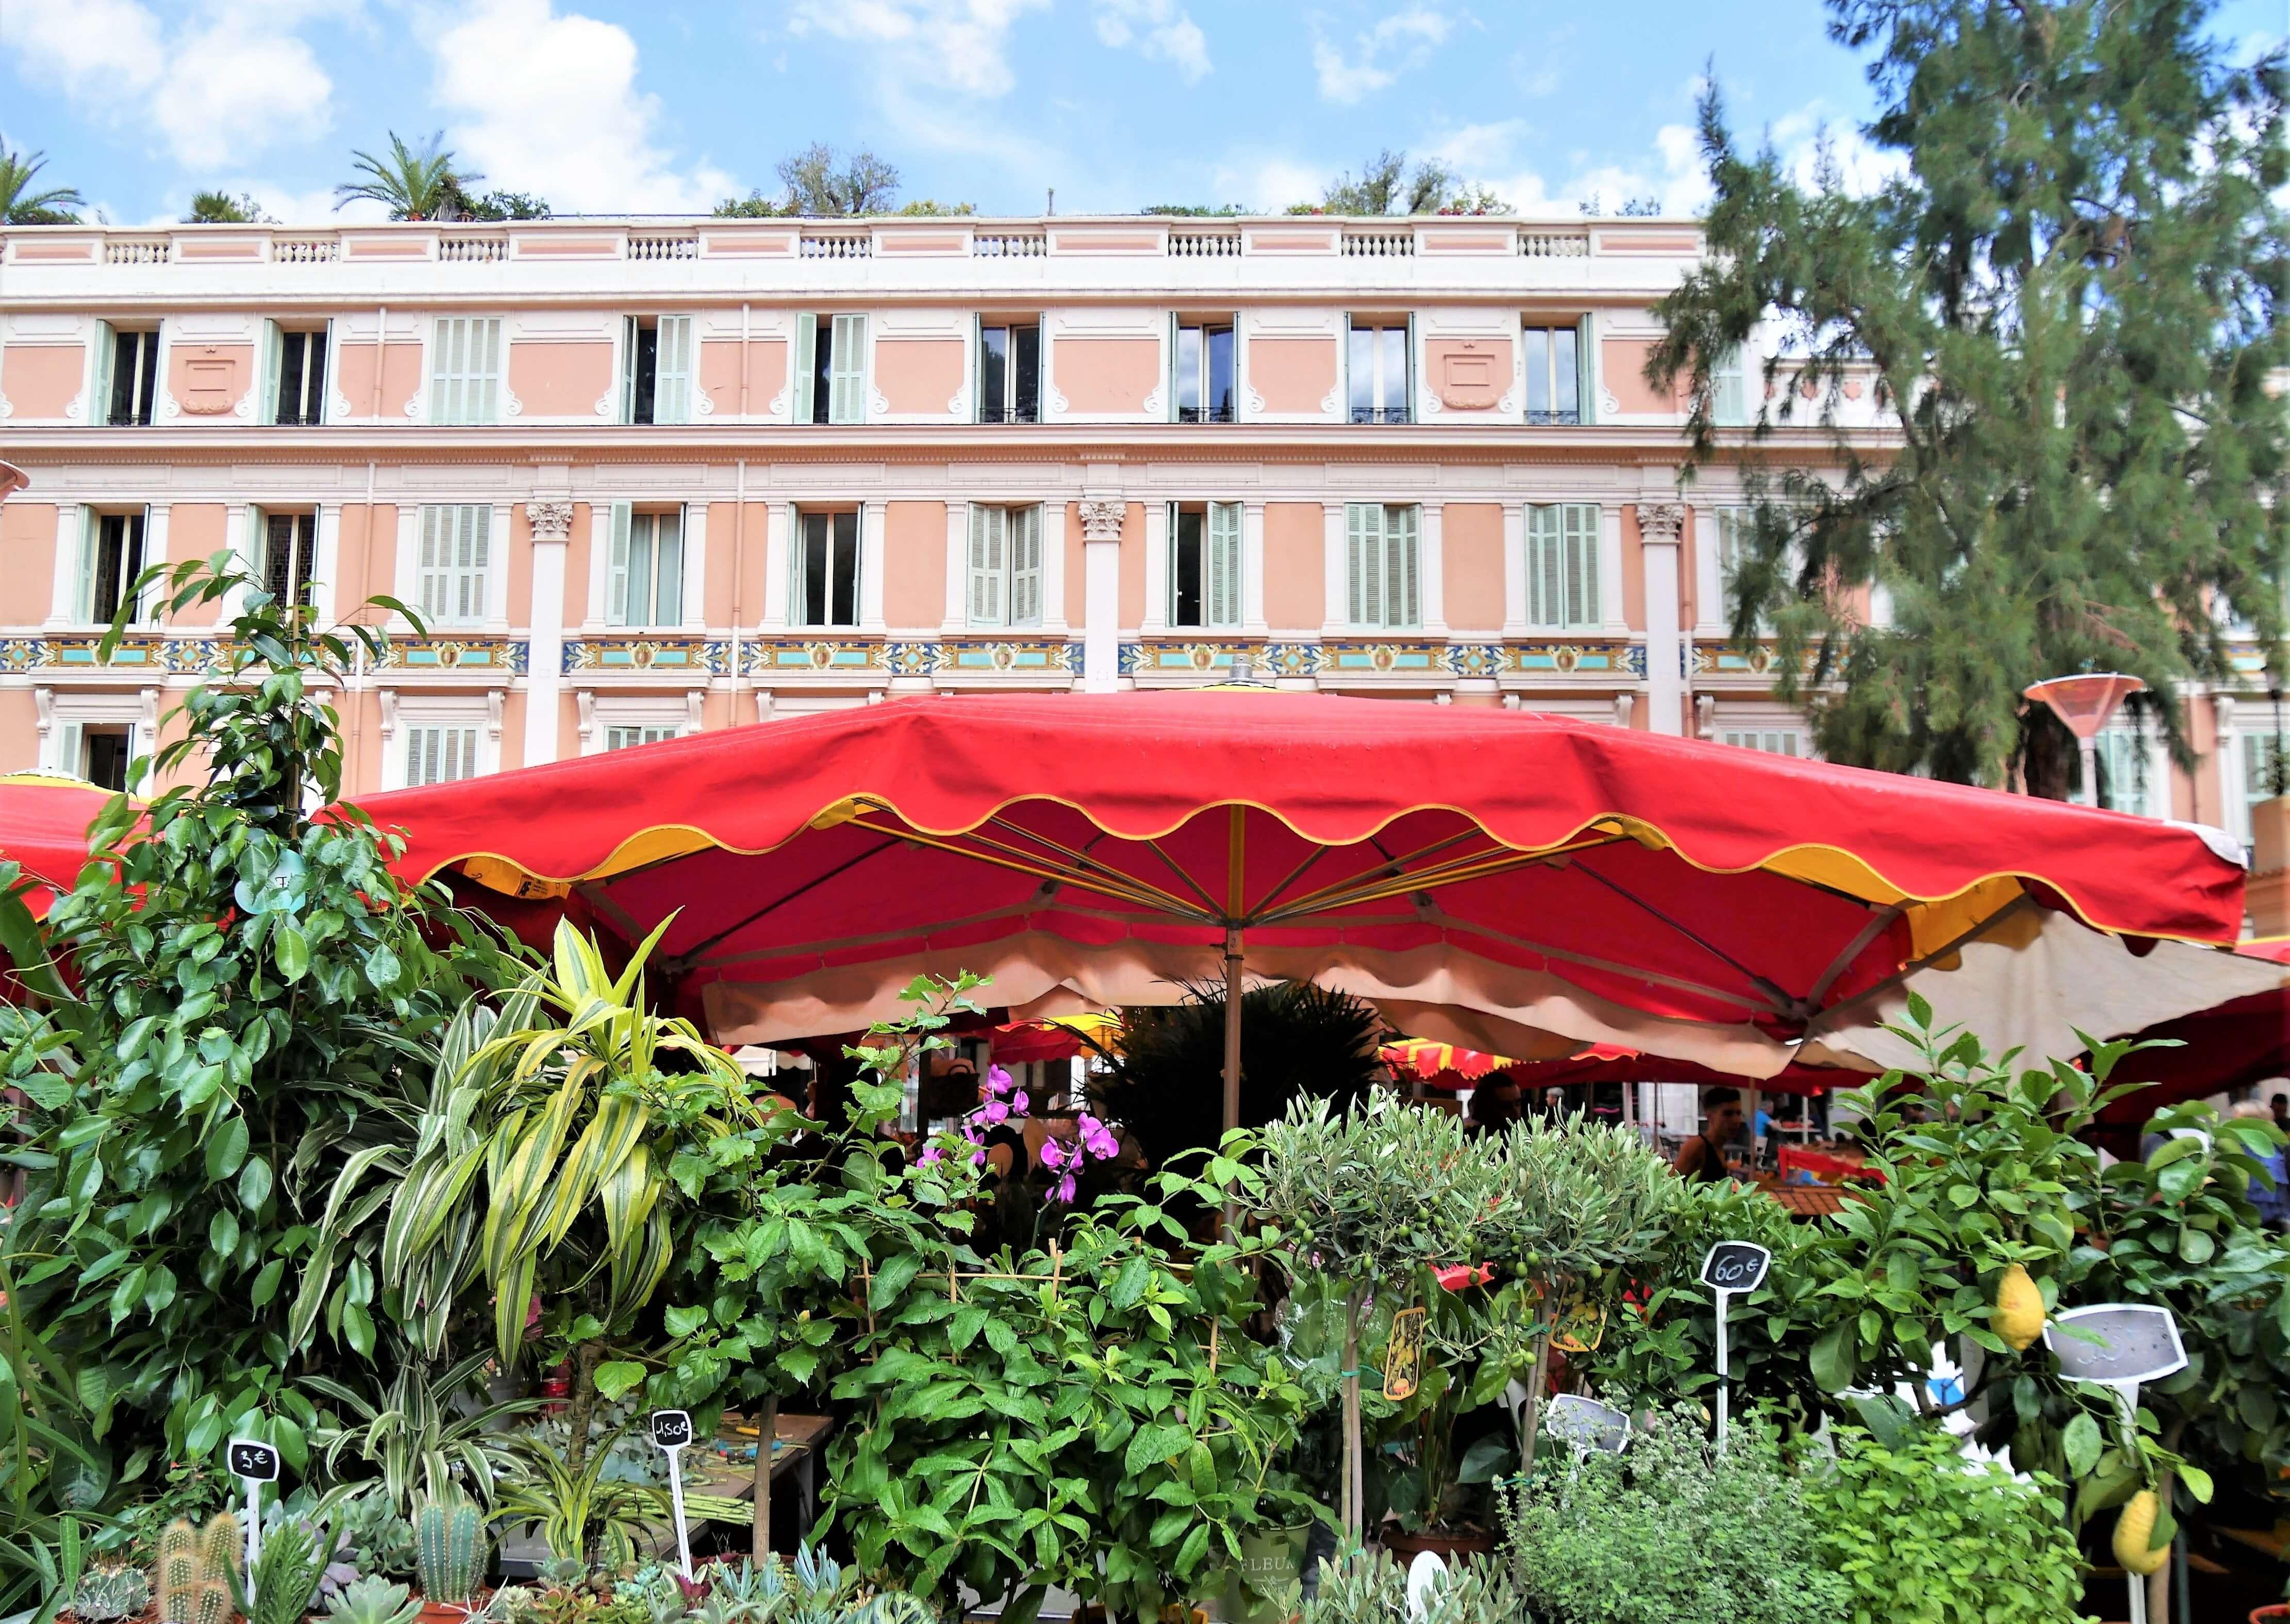 Visiter Monaco à pied en allant au marché